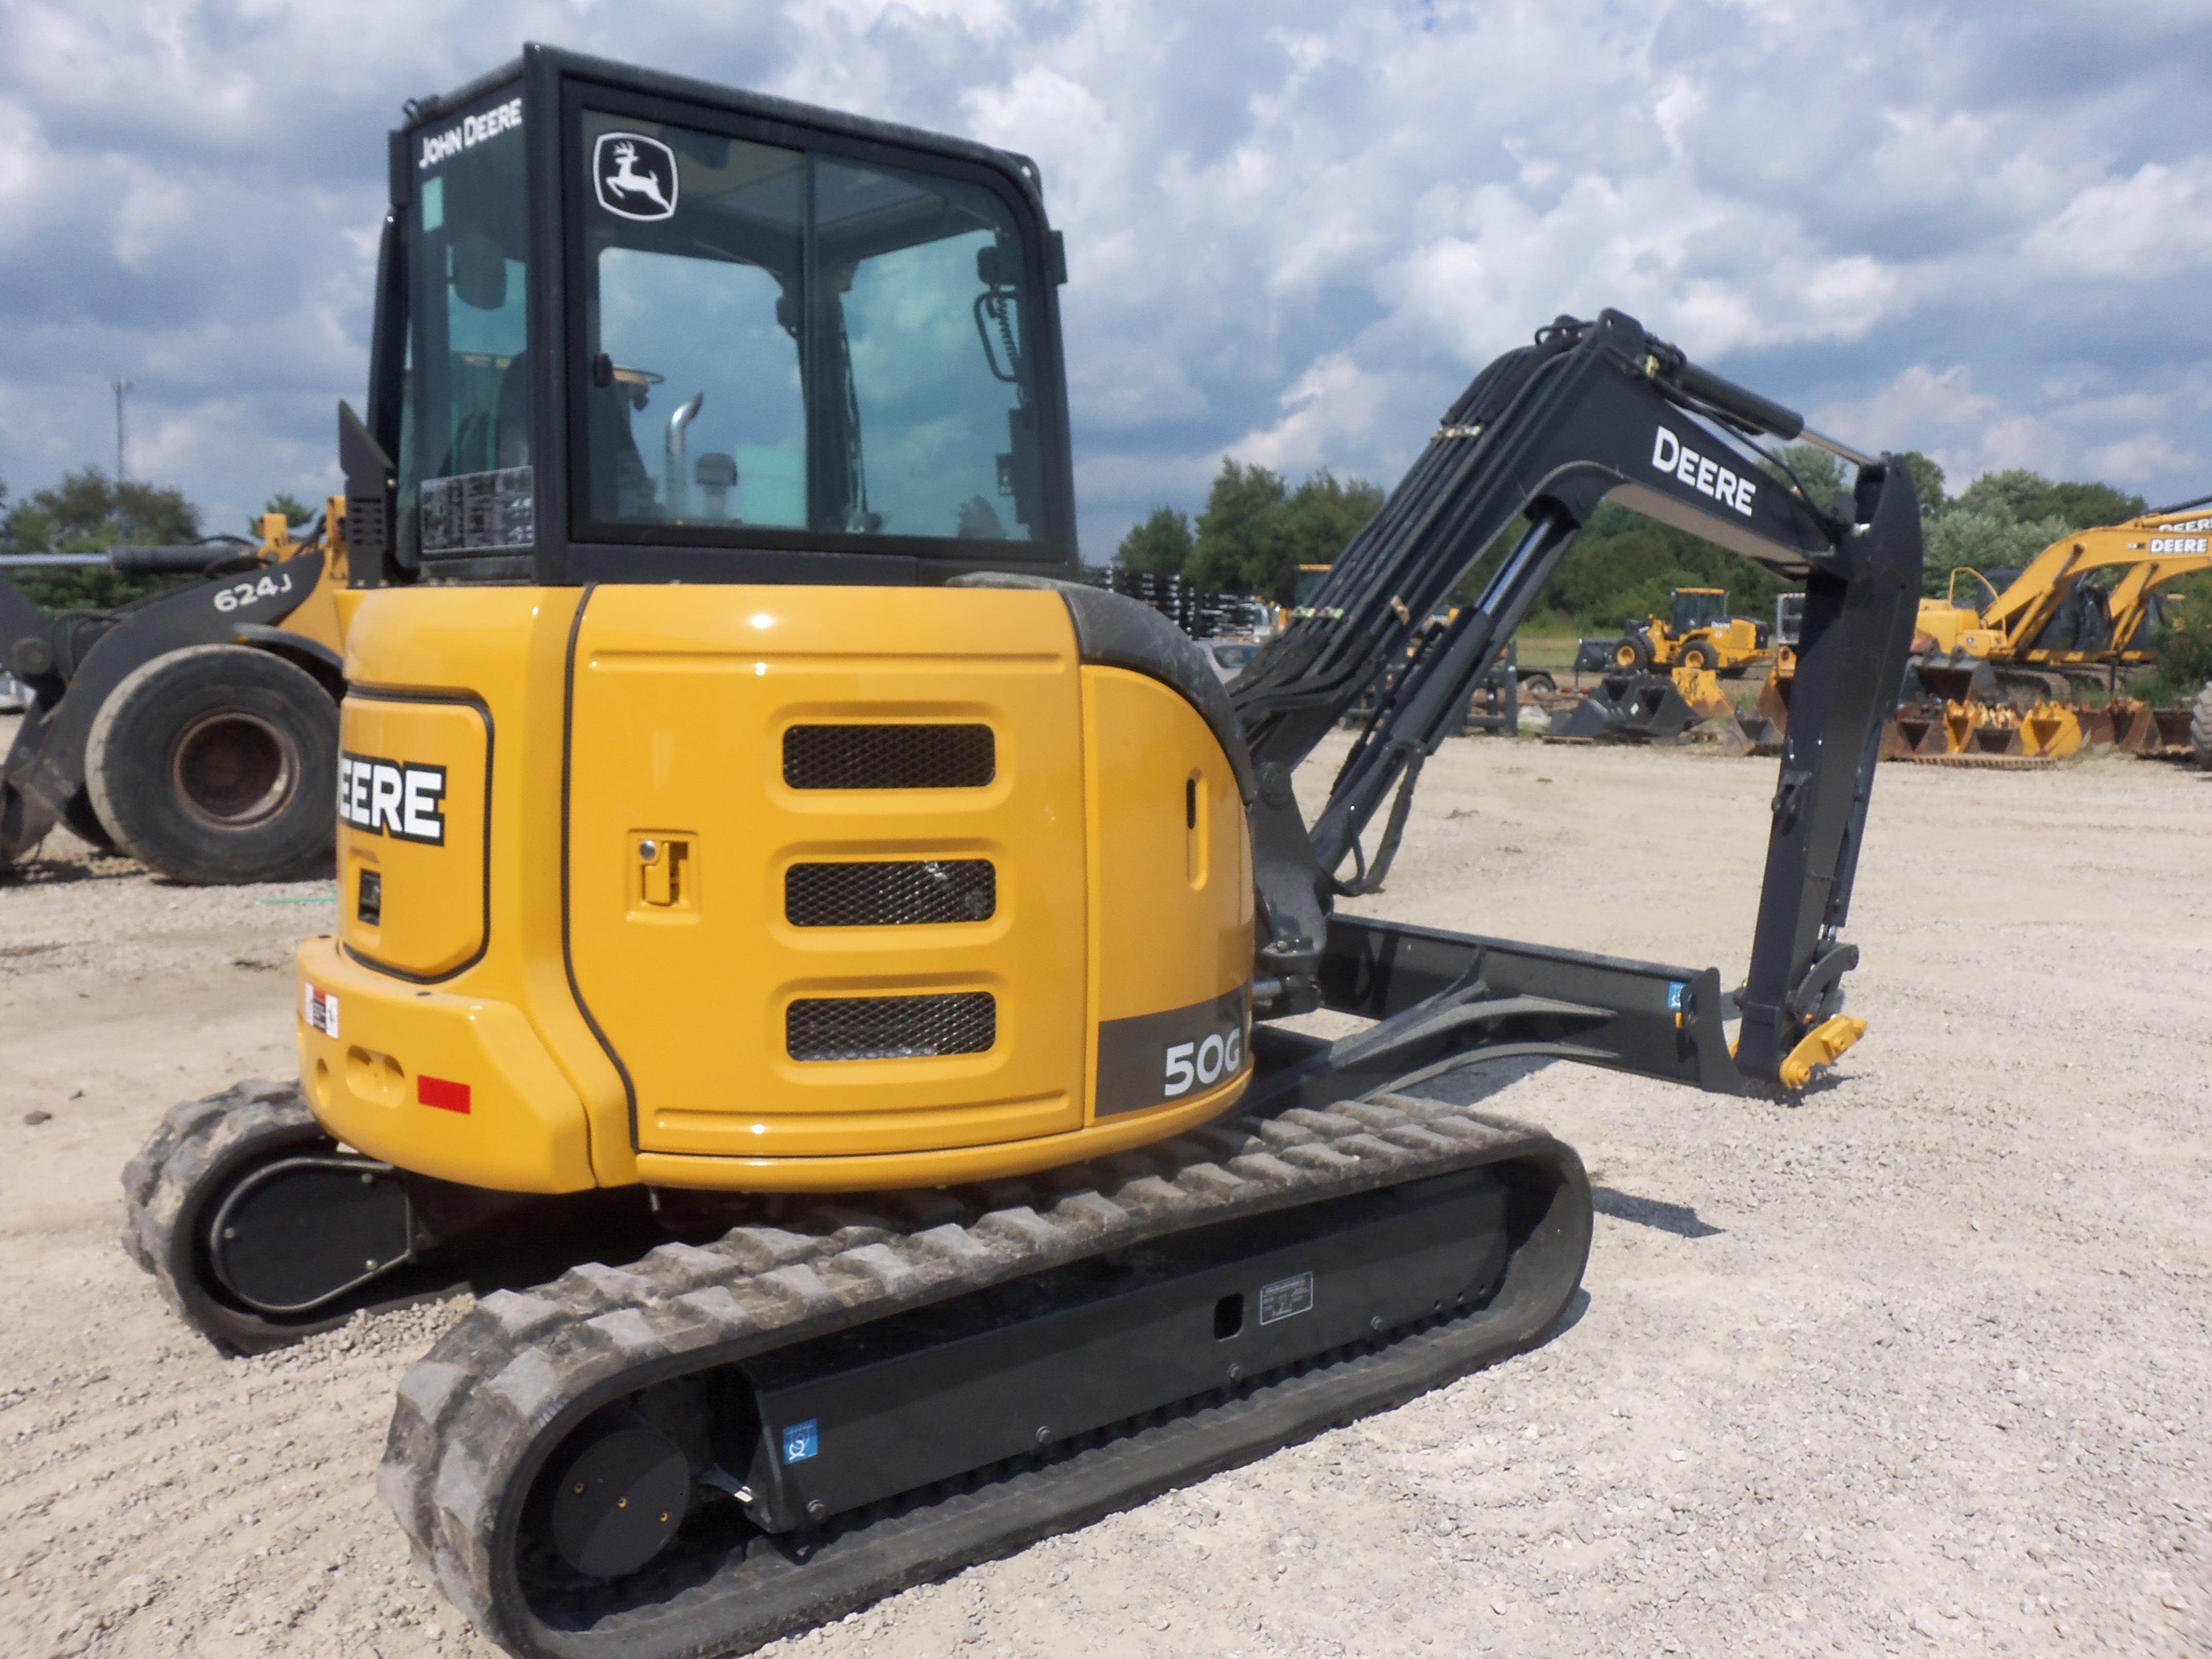 John Deere 50g Mini Excavator | John Deere Excavators: John Deere